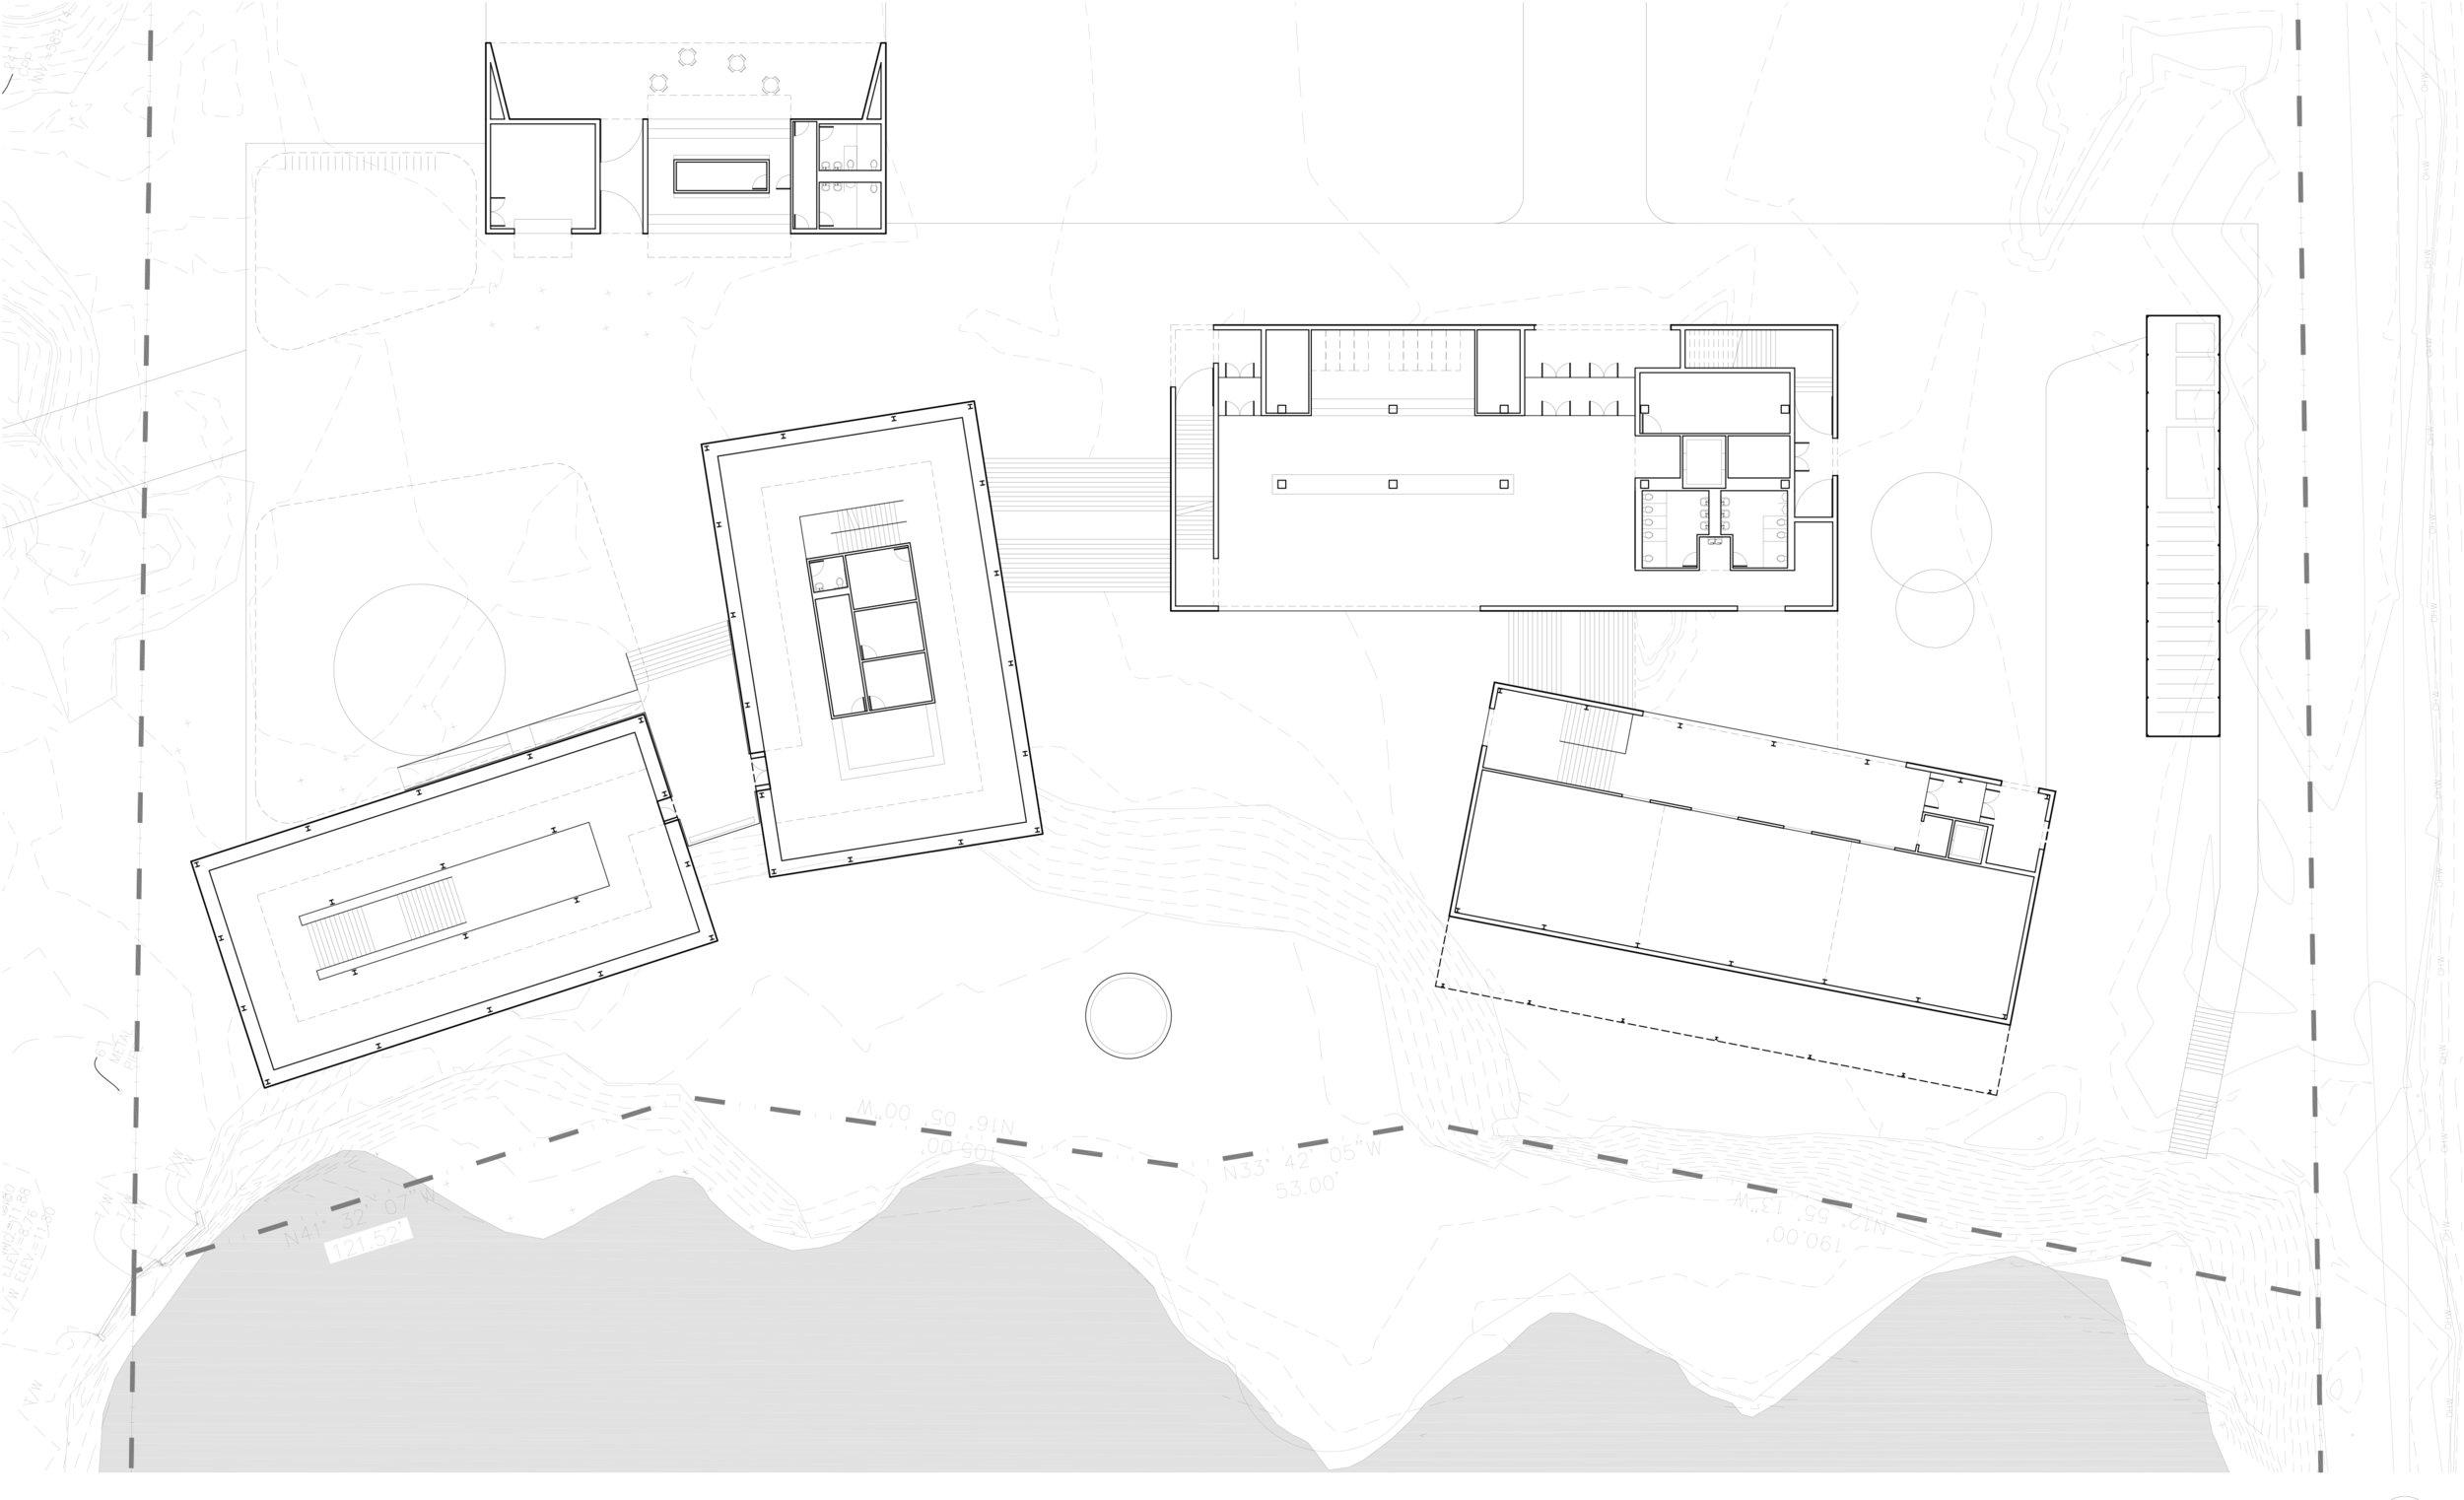 18_12.12 - ground level plan.jpg